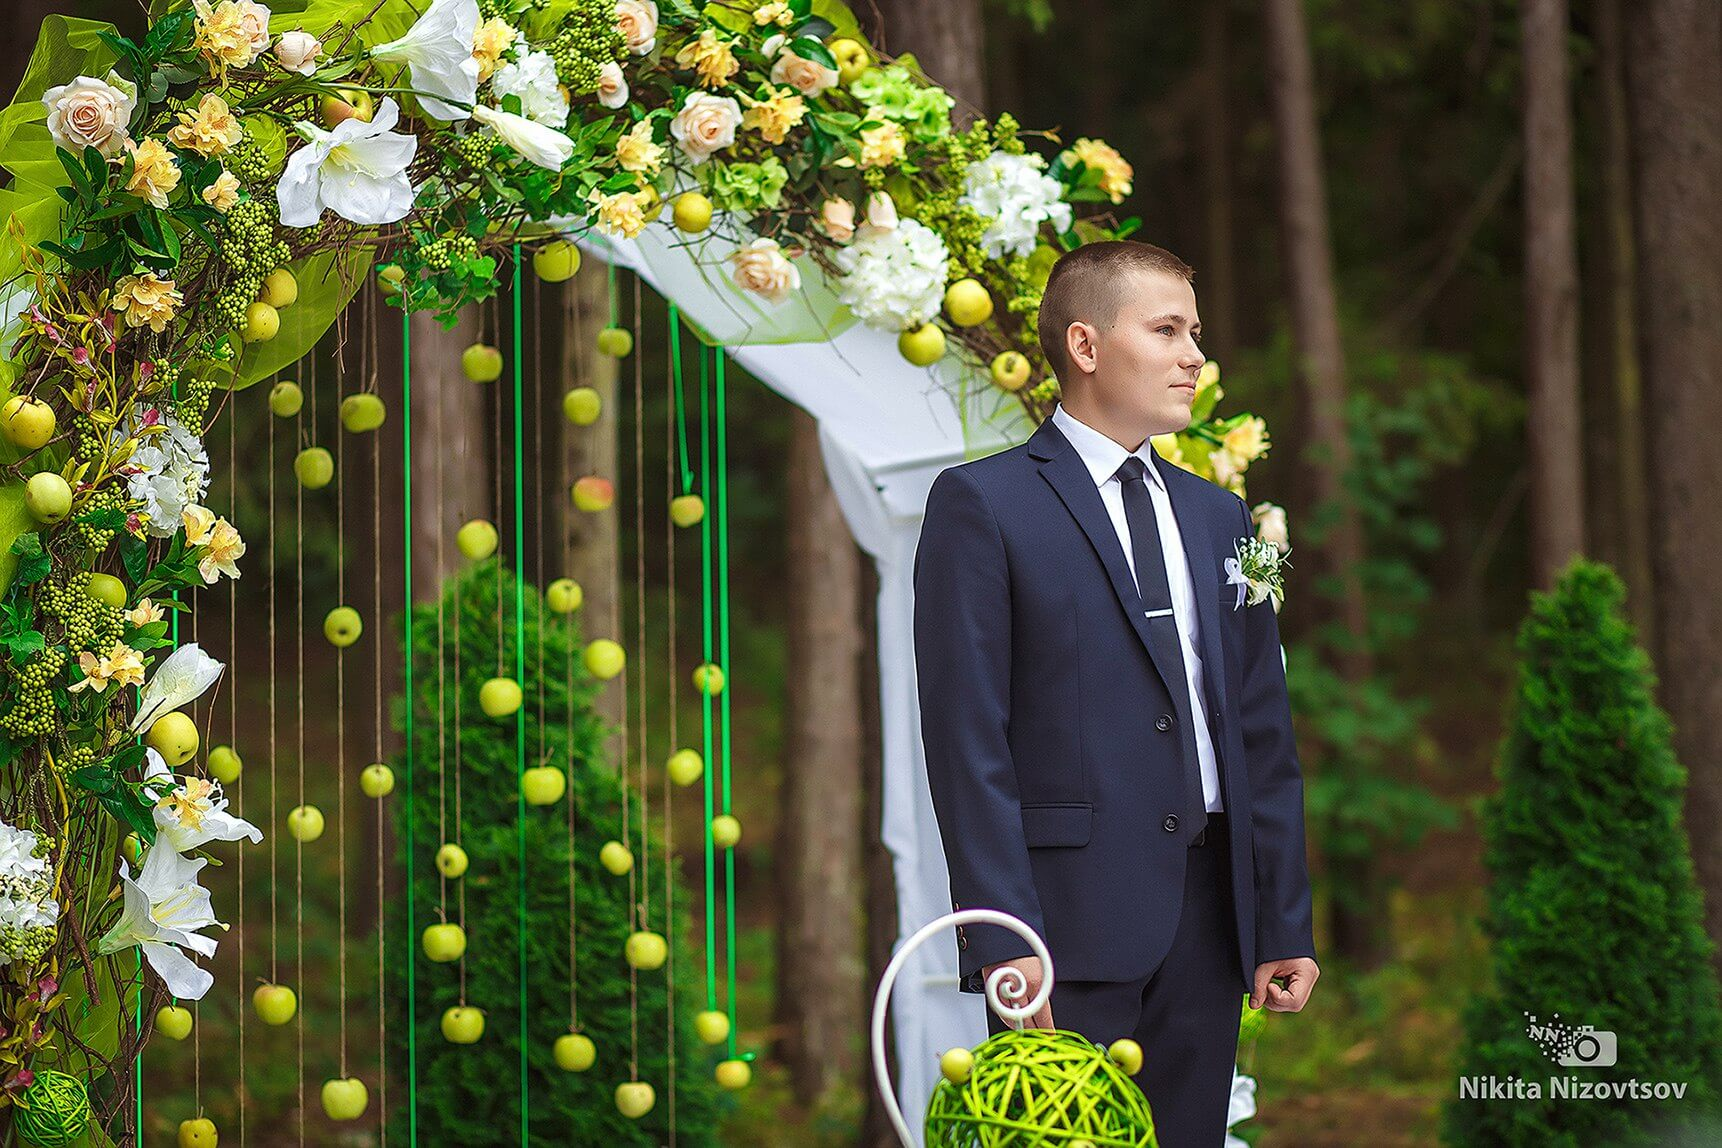 арка яблочная зеленая салатовая свадьба Могилев выездная регистрация роспись церемония в шатре у куркуля могилев свадебное агентство ЛавМи организация свадьбы декор банкета ресторана шатра